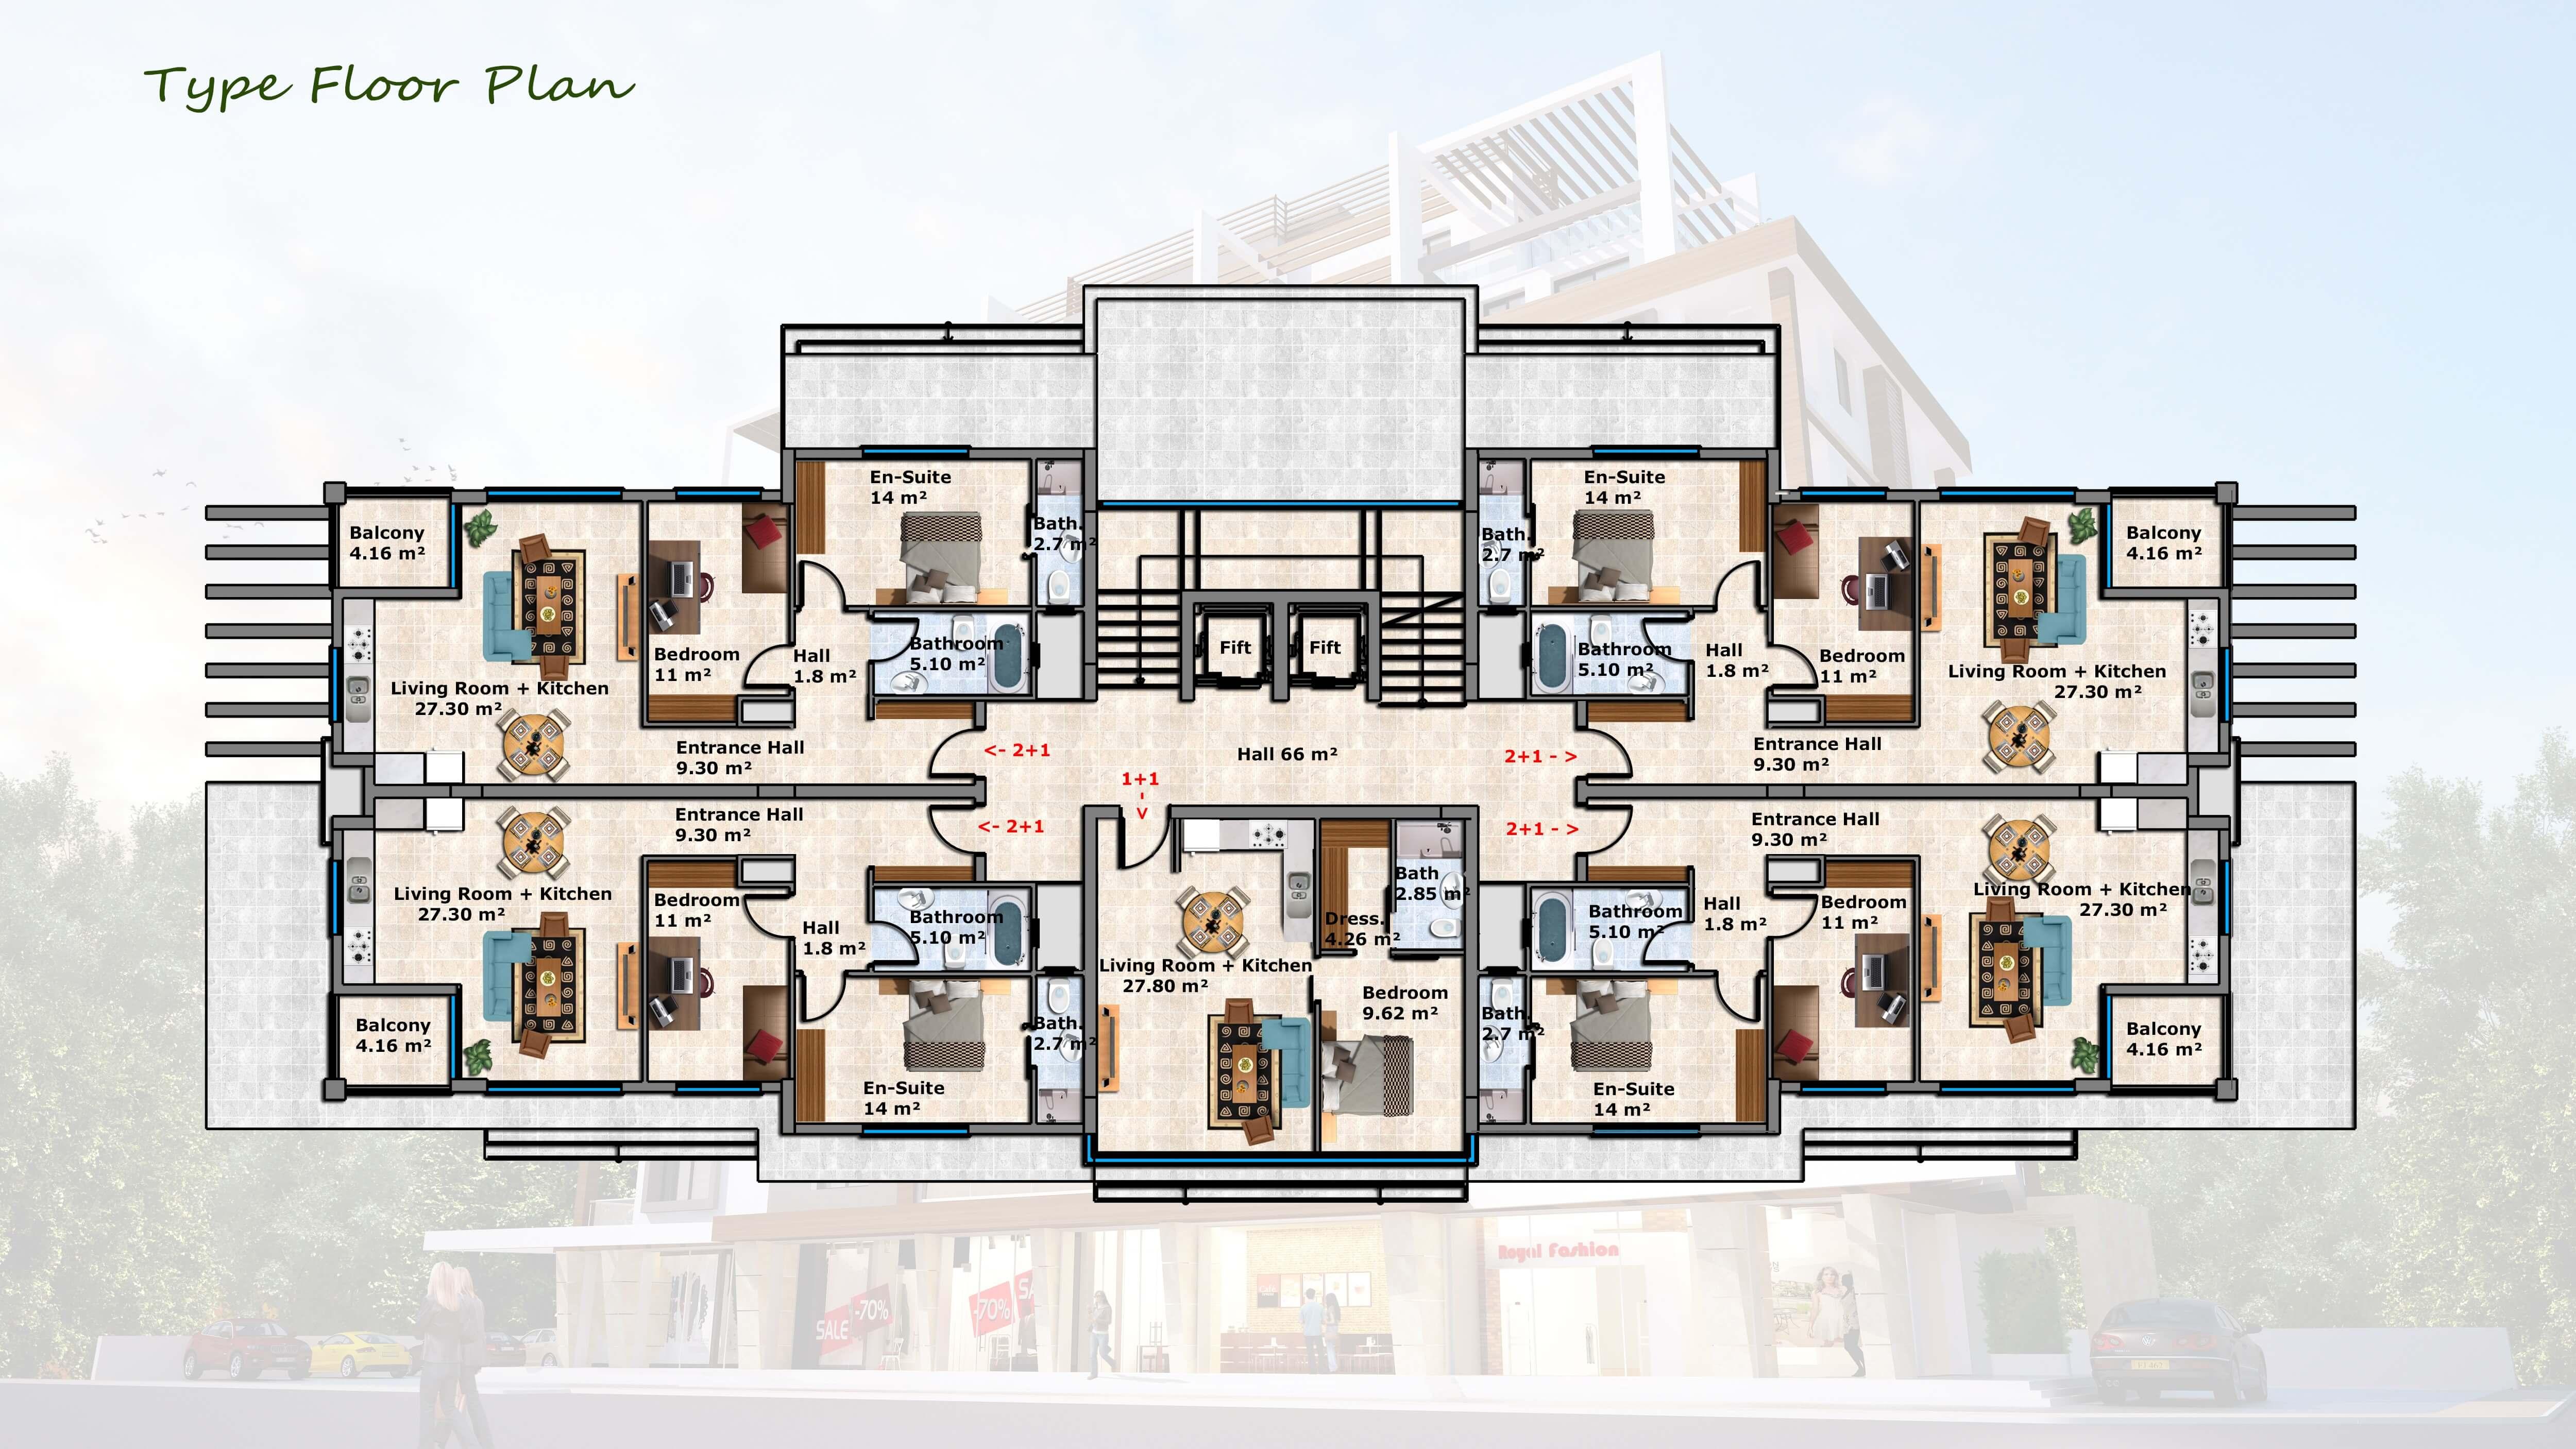 Type Floor Plan